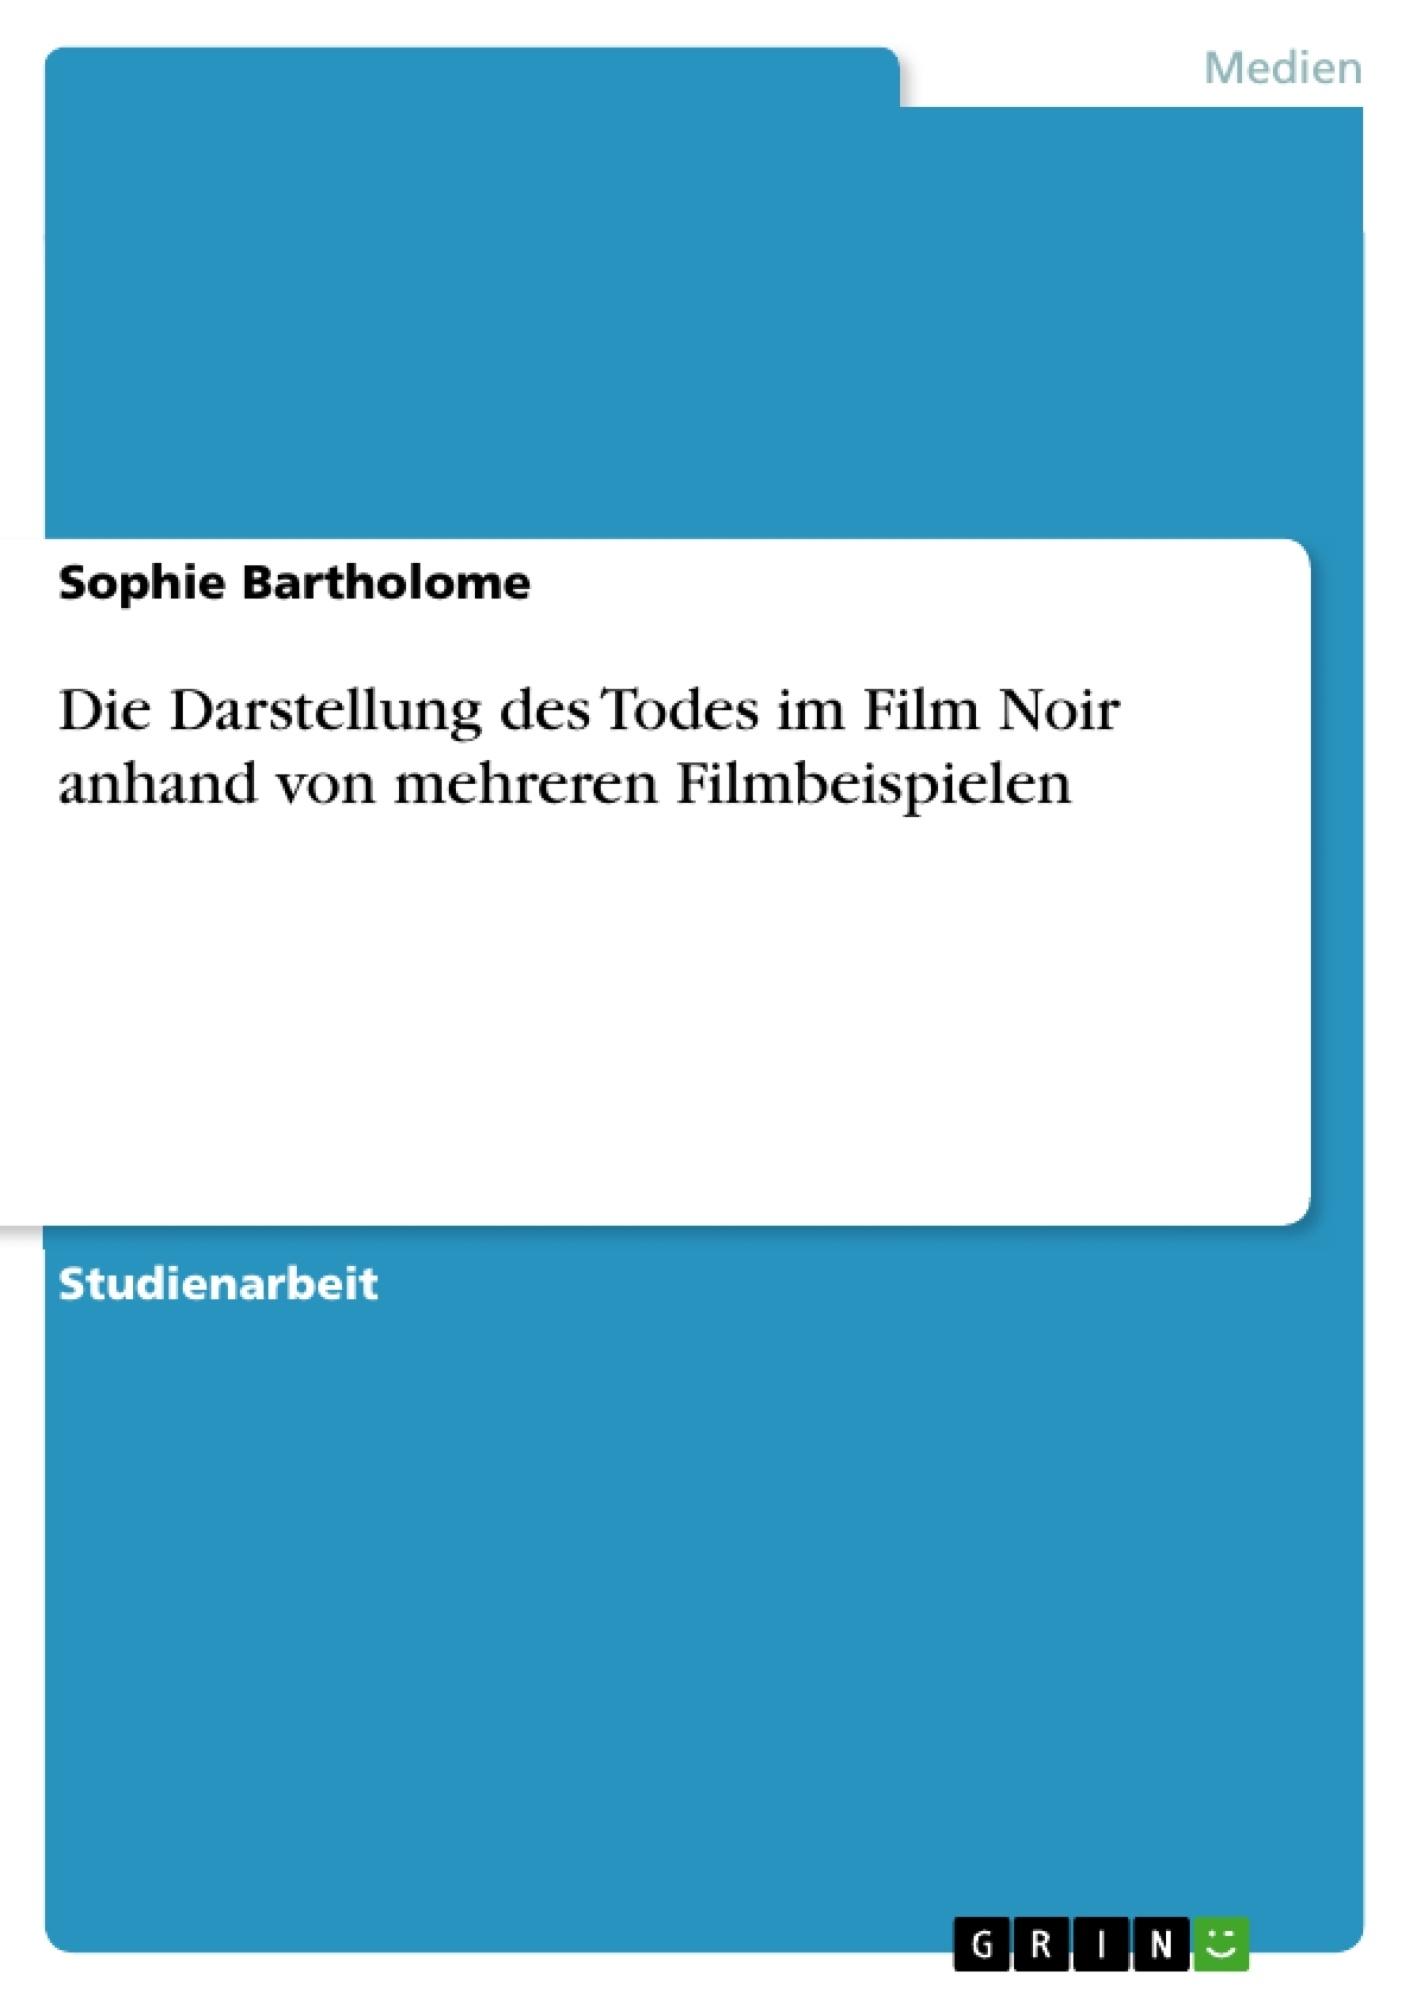 Titel: Die Darstellung des Todes im Film Noir anhand von mehreren Filmbeispielen